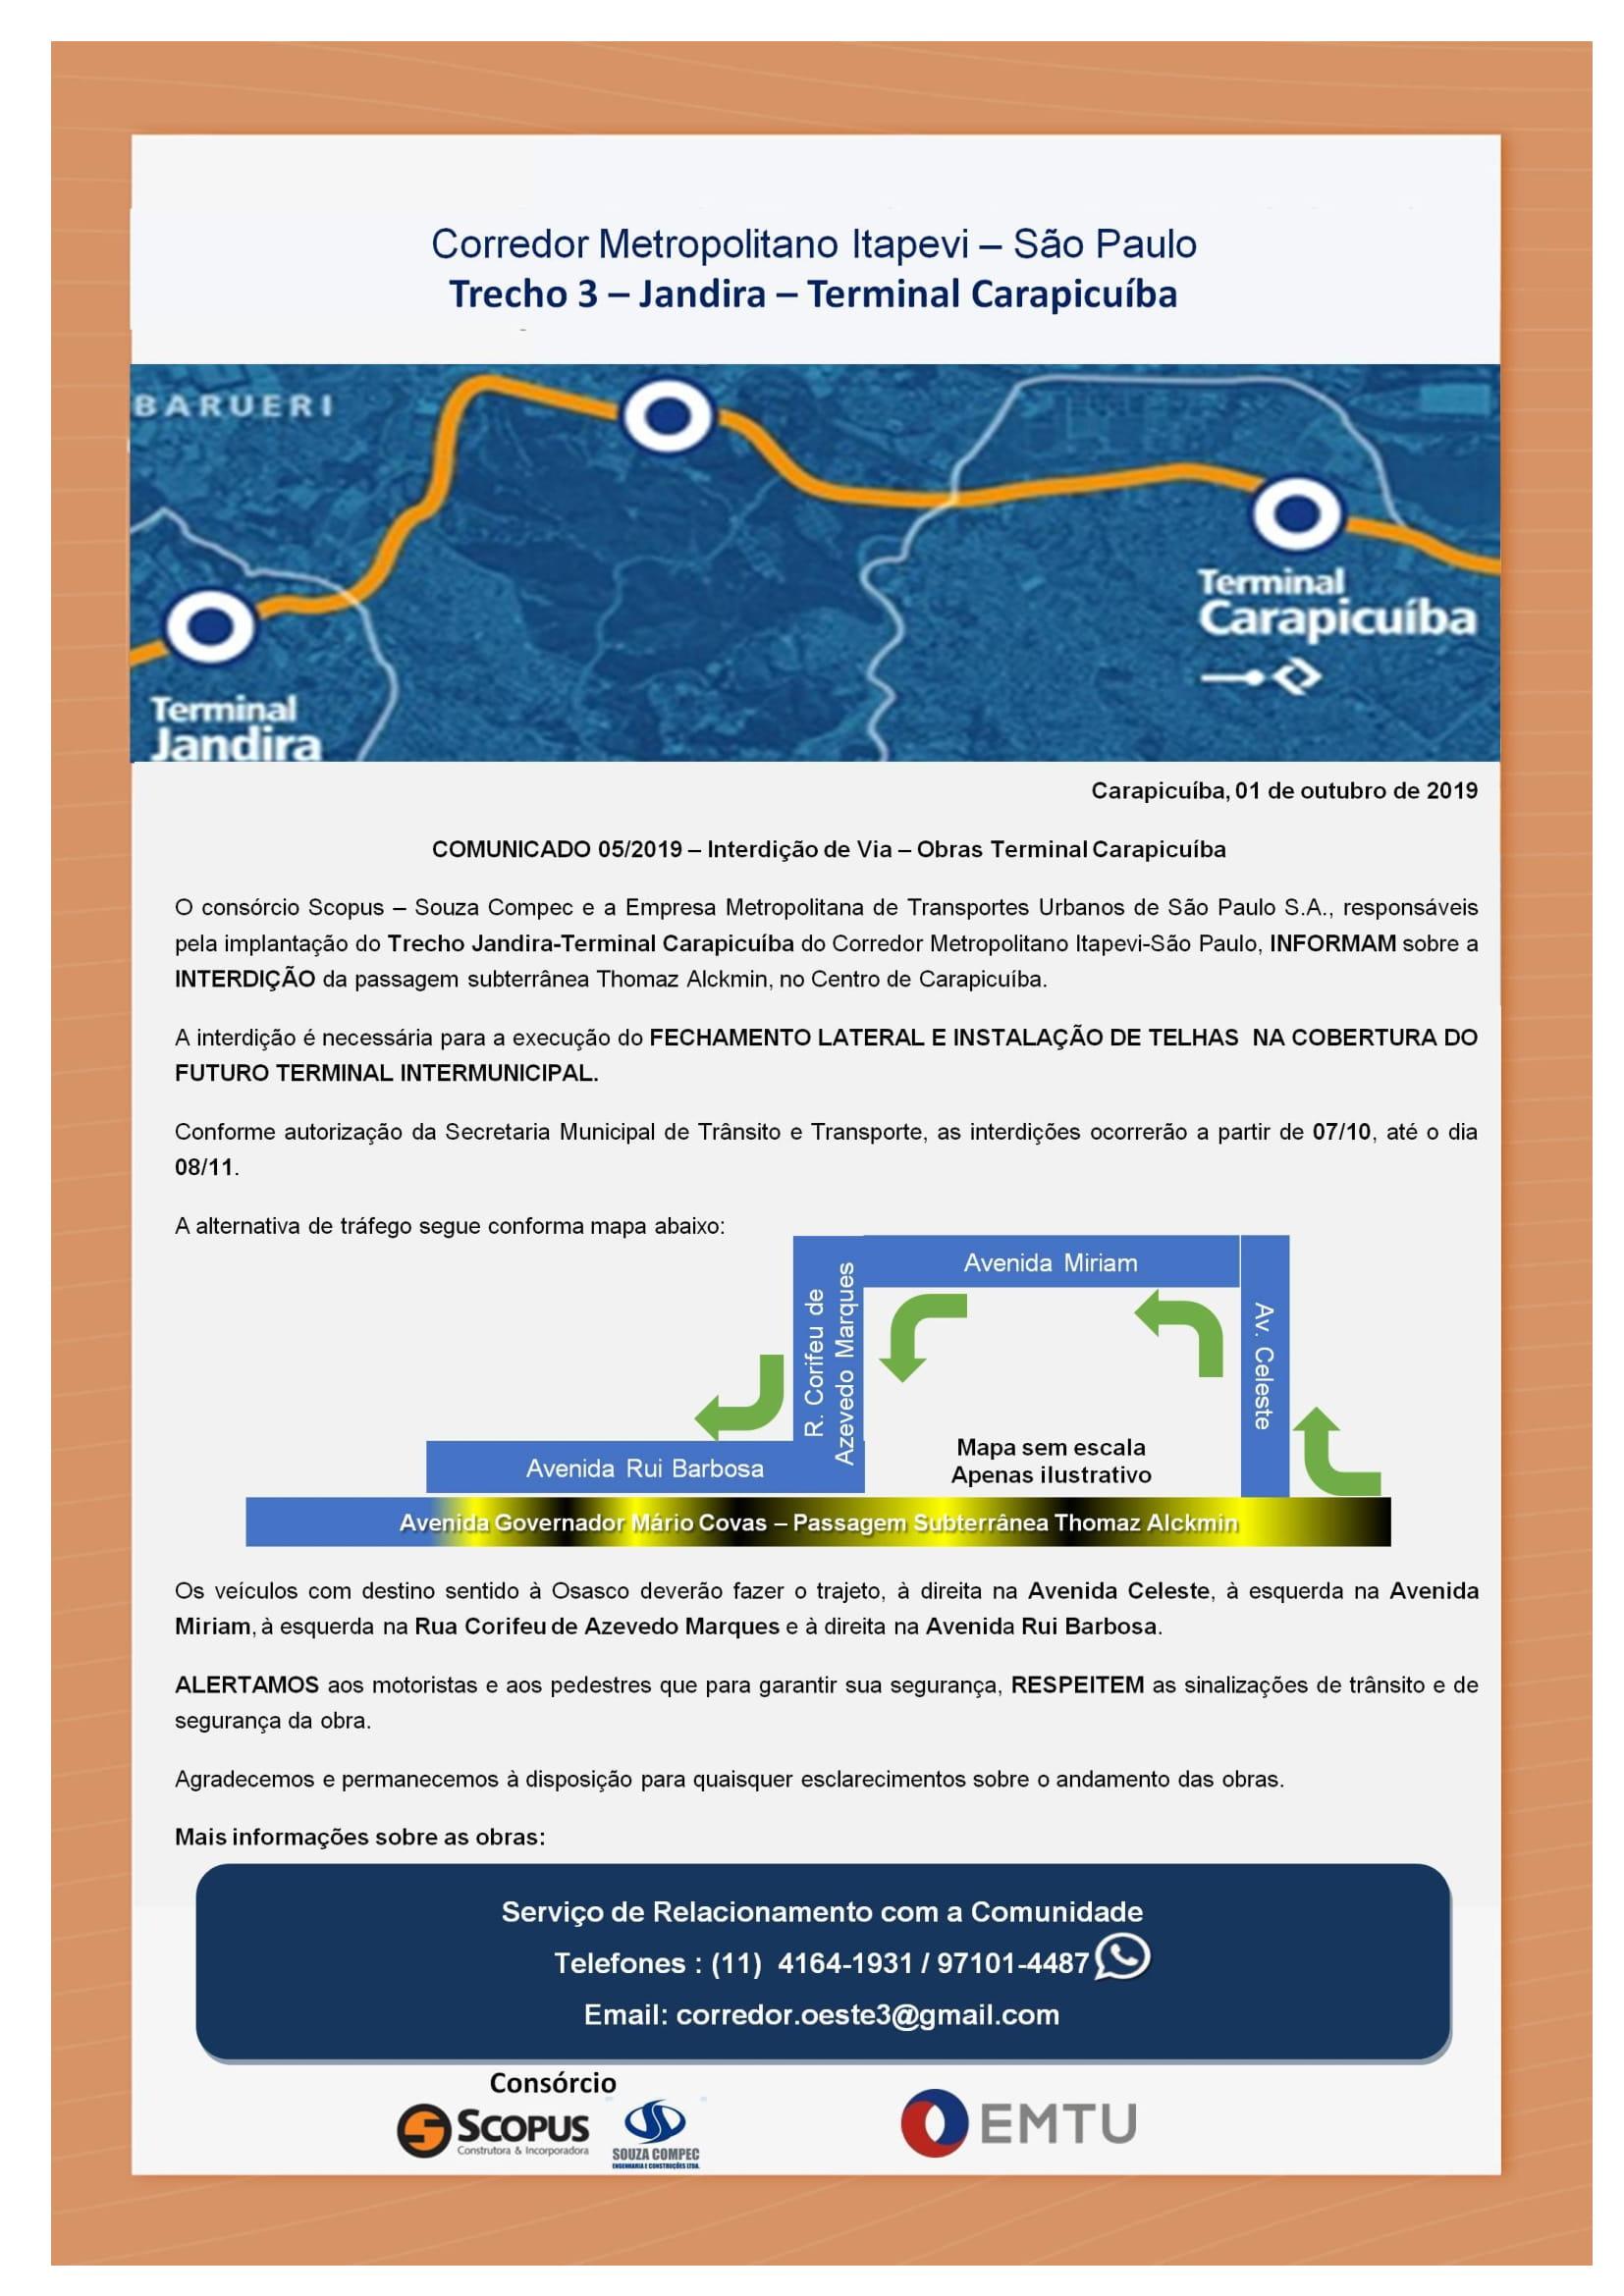 Corredor_Itapevi_Comunicado_Carapicuiba-1.jpg